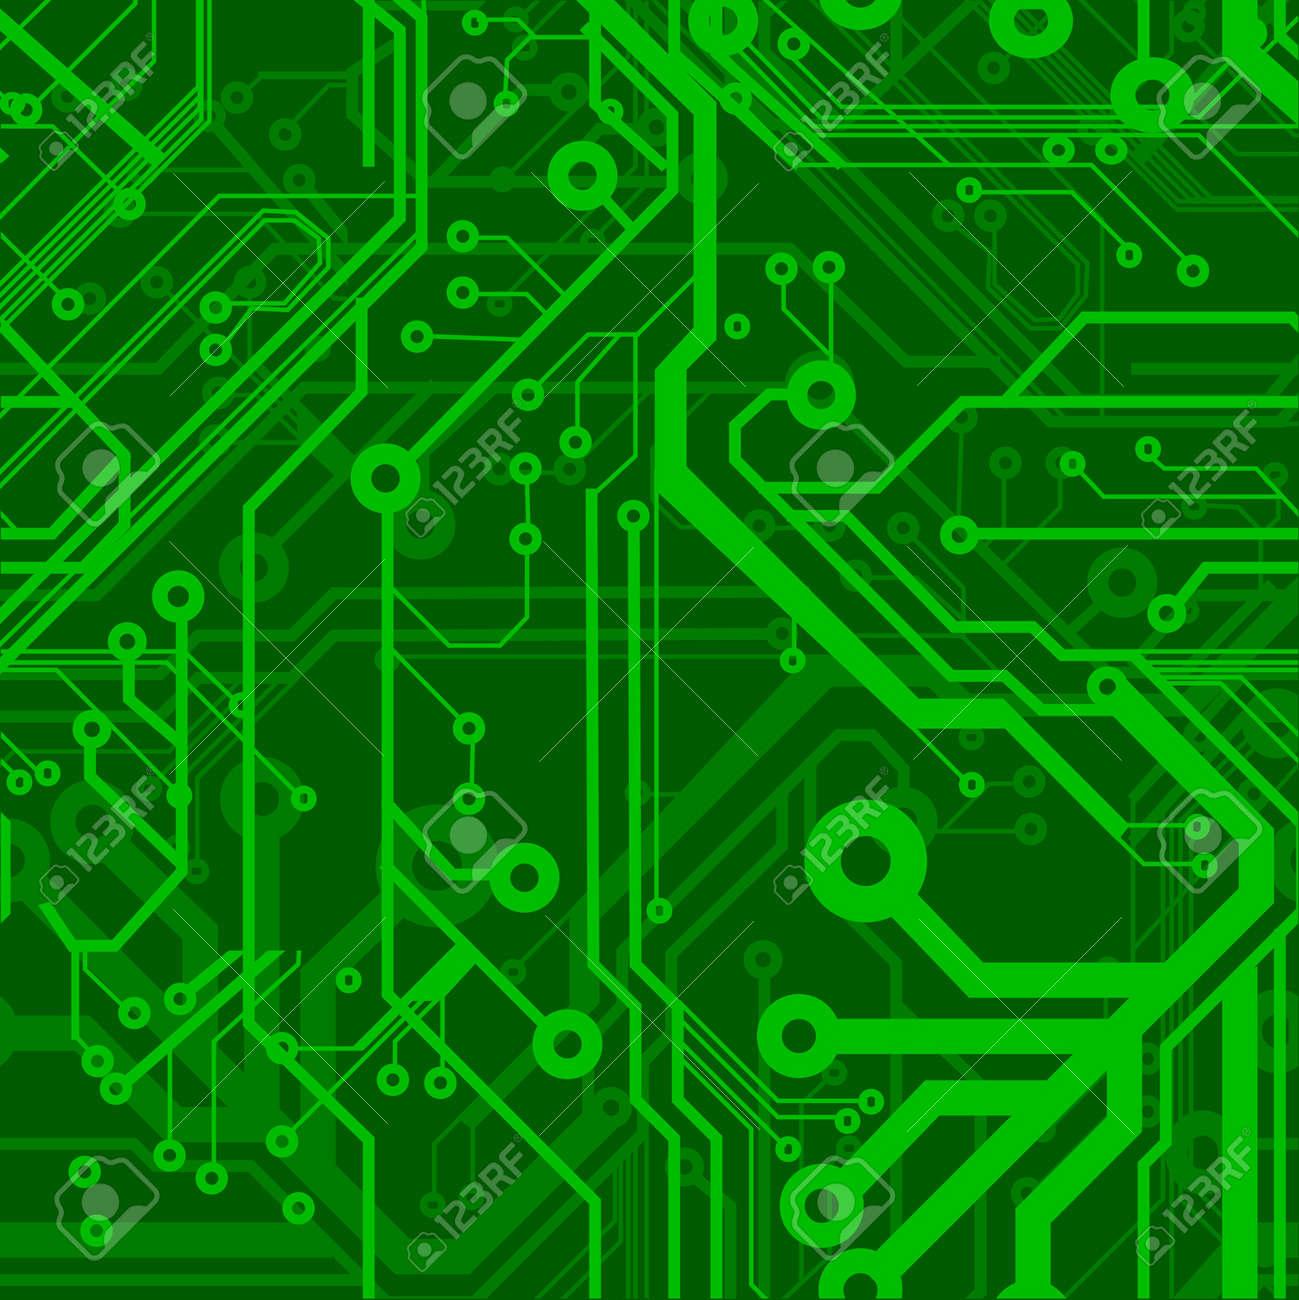 Circuito Impreso : Verde sin fisuras placa de circuito impreso patrón ilustraciones